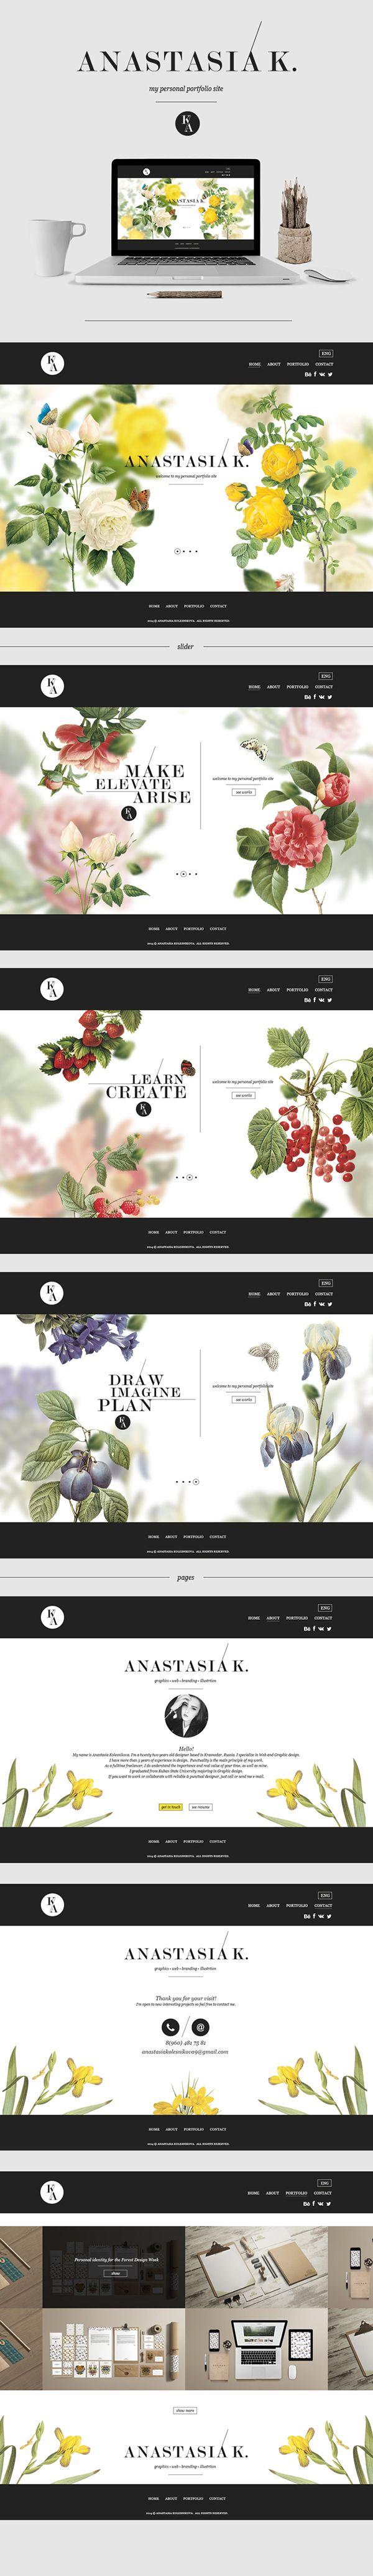 古典雅緻 個人網頁設計 | MyDesy 淘靈感